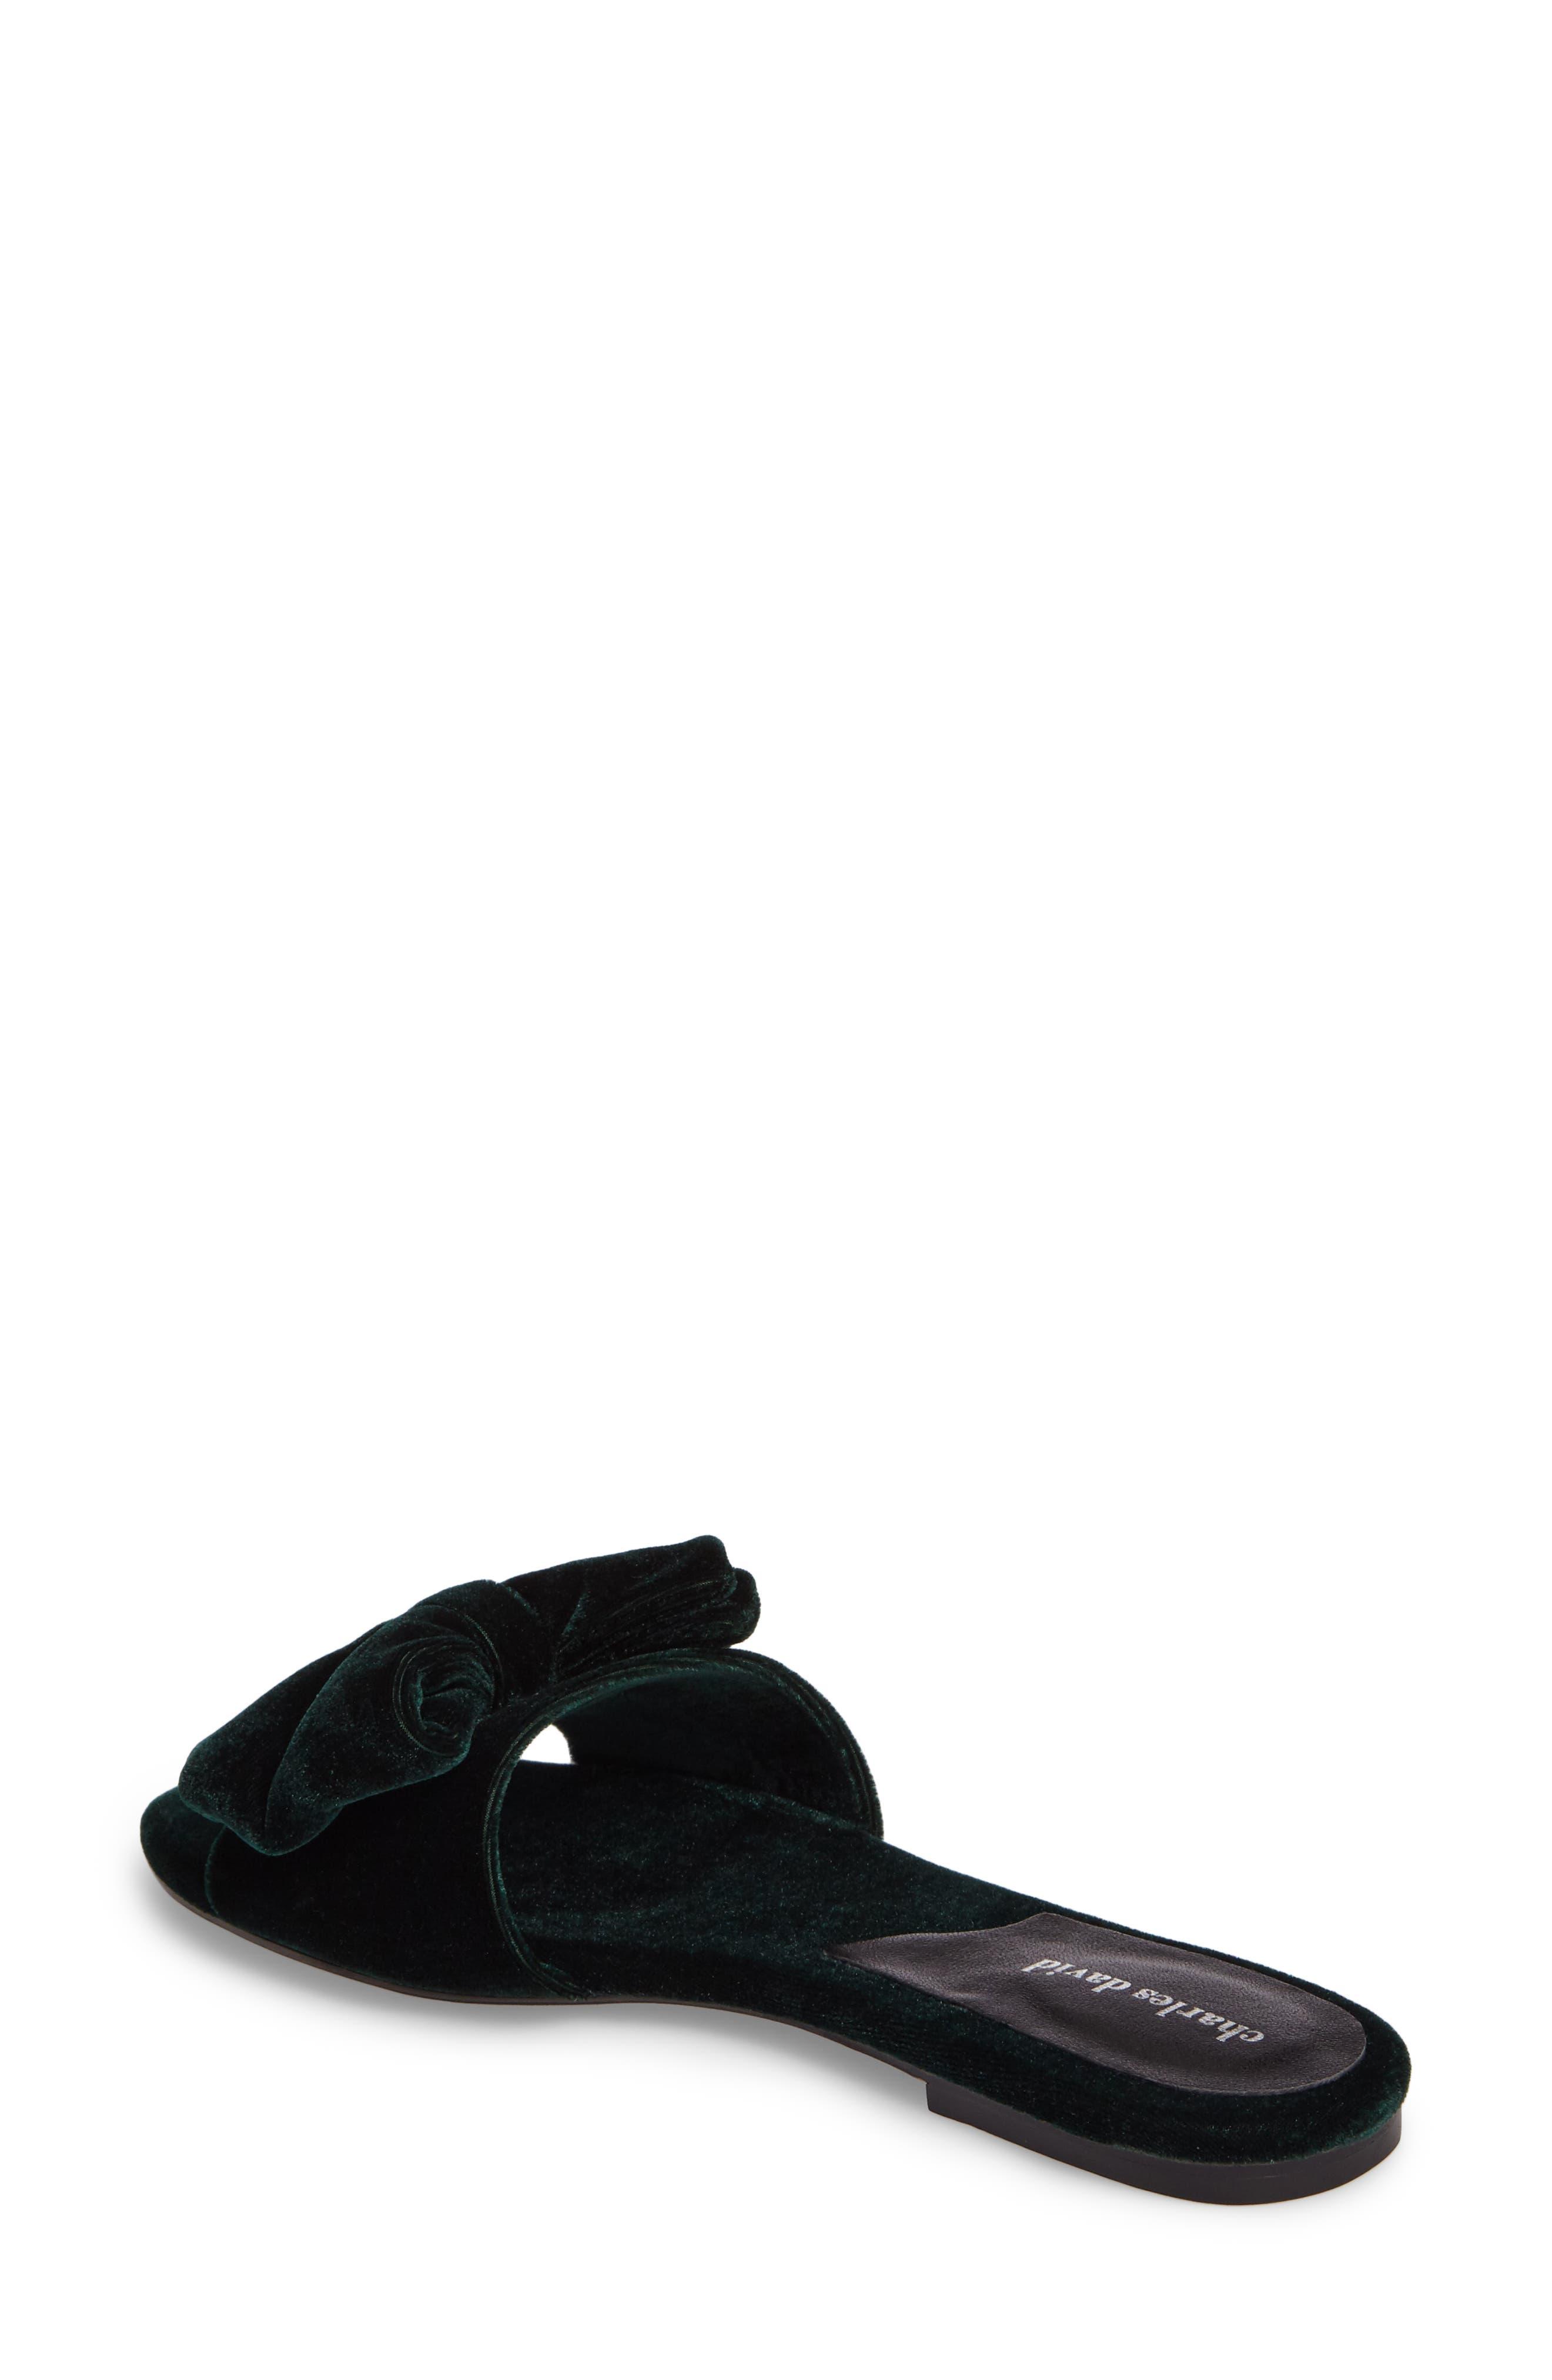 Bow Slide Sandal,                             Alternate thumbnail 4, color,